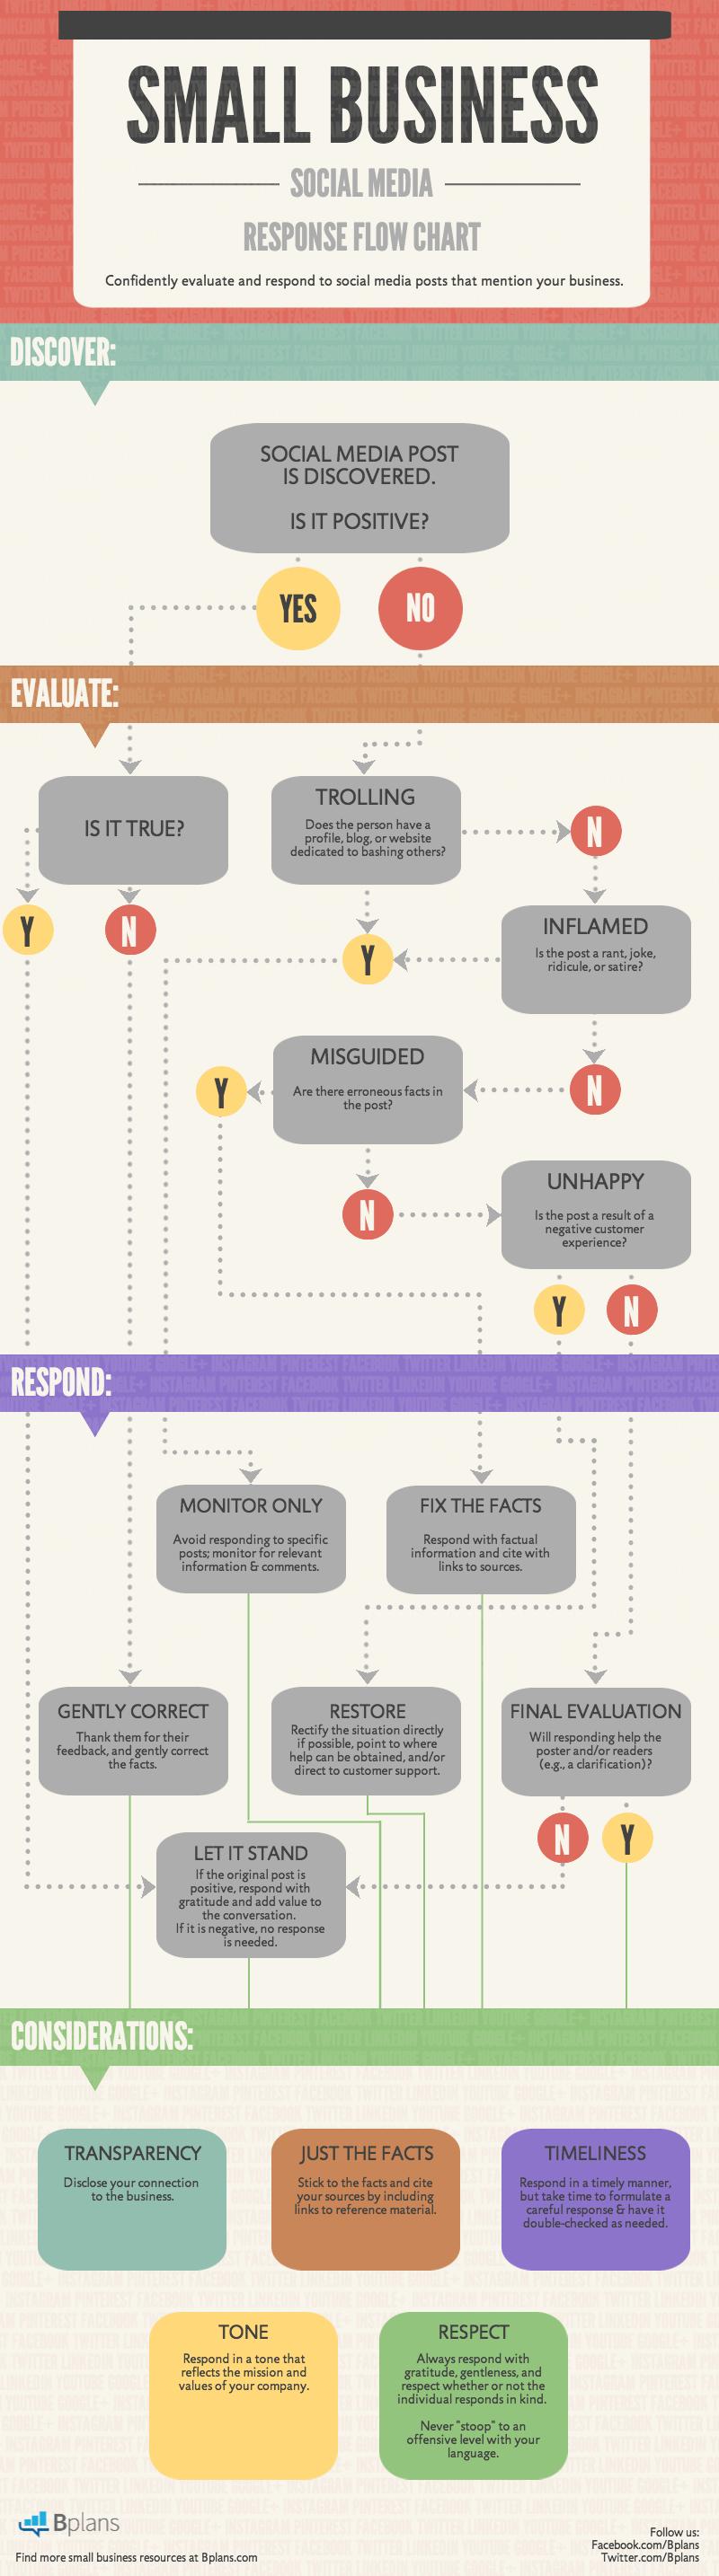 Social-Media-Response-Tree